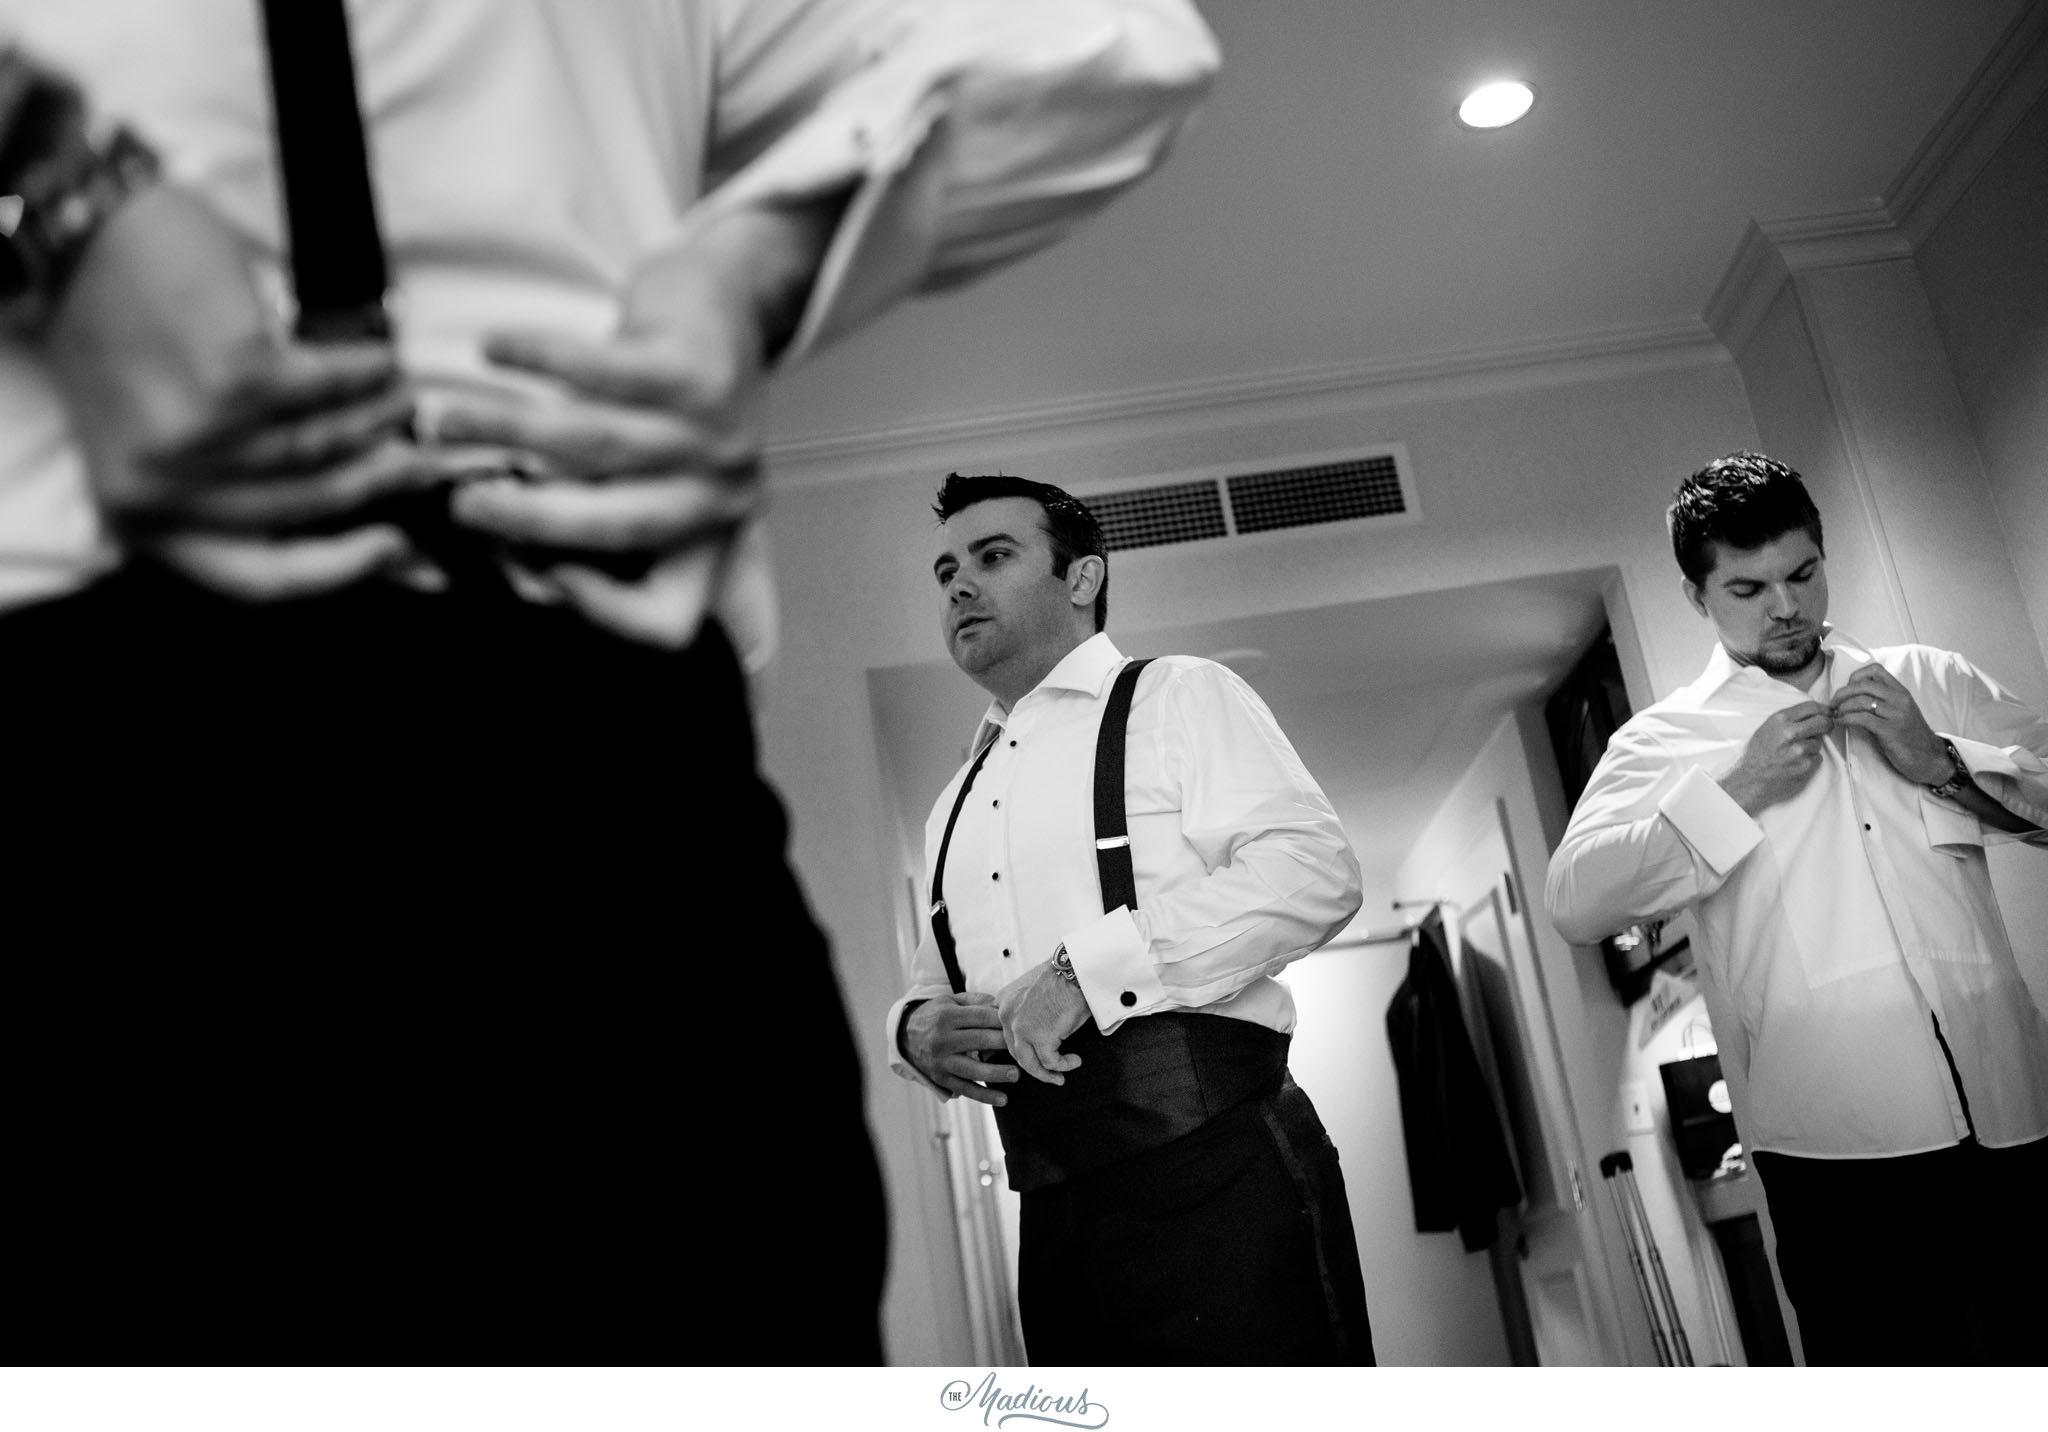 W hotel wedding getting ready_0035.JPG